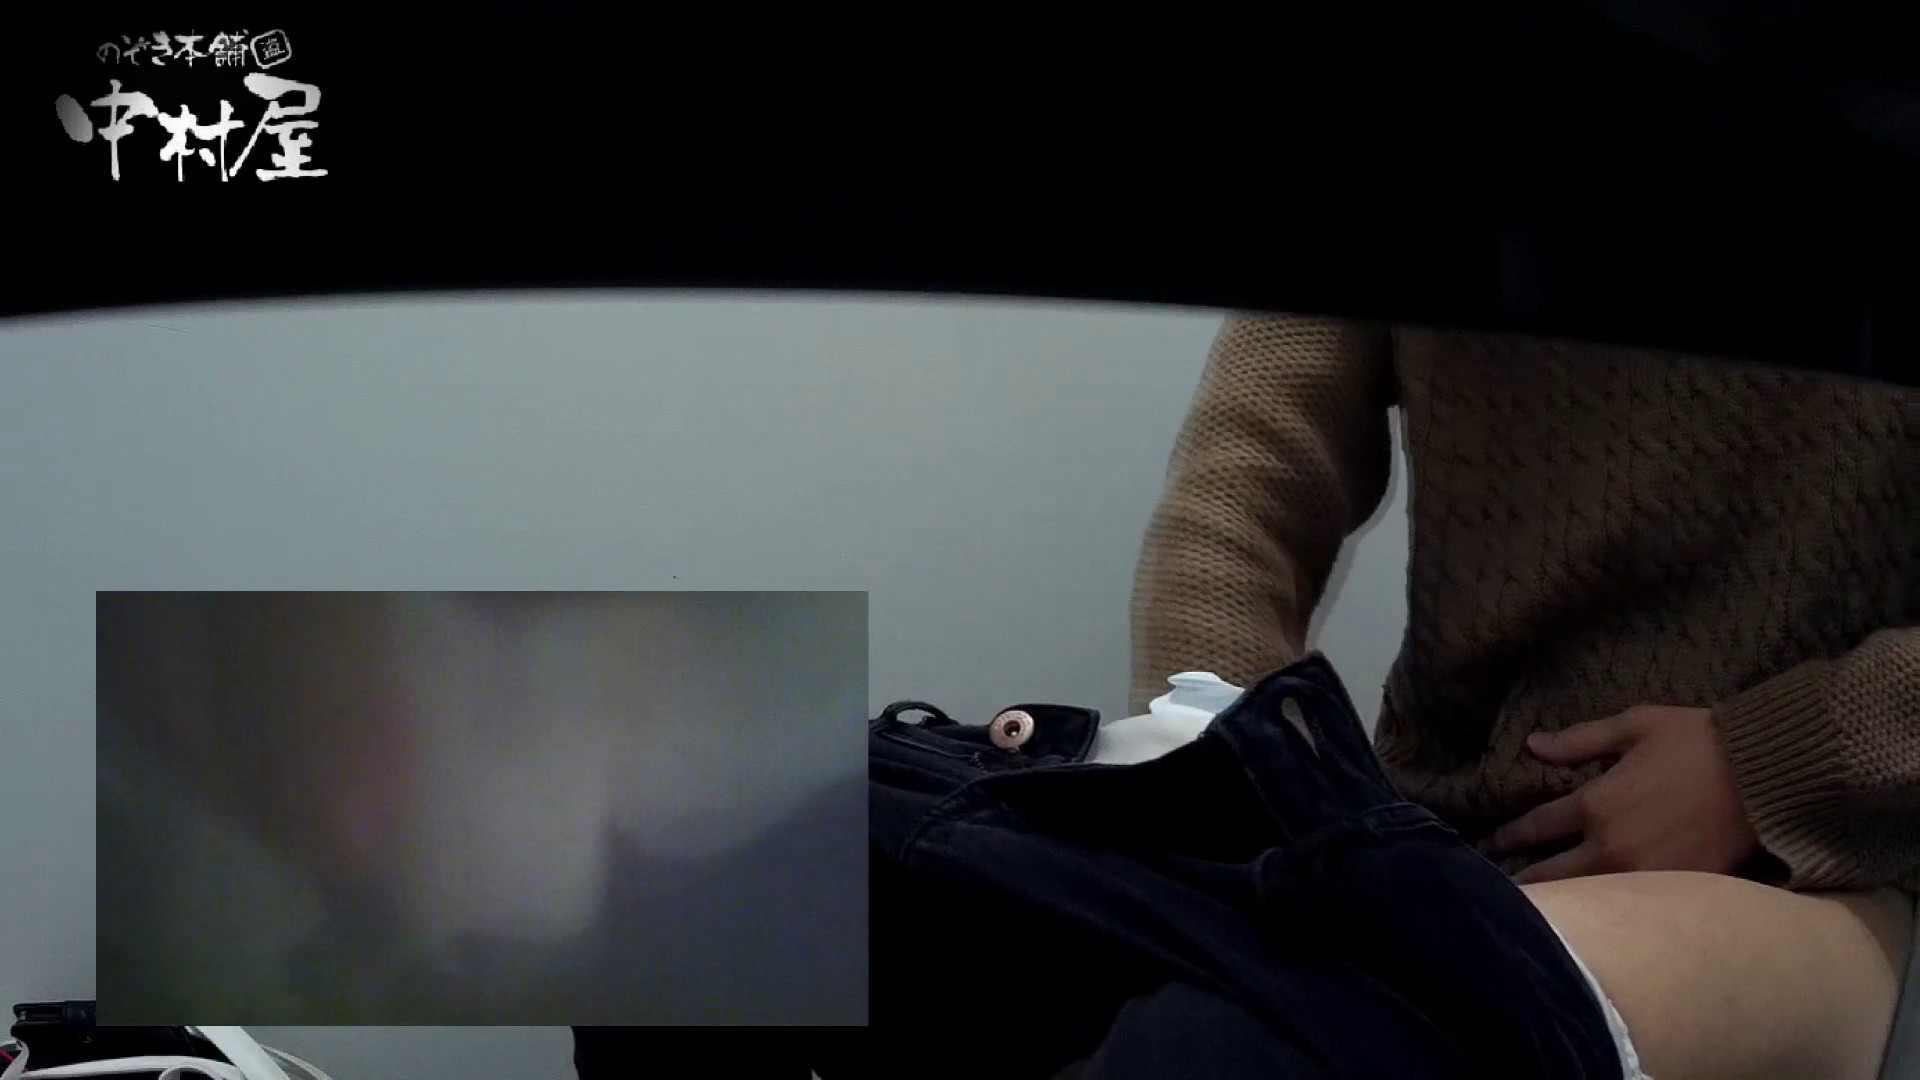 有名大学女性洗面所 vol.54 設置撮影最高峰!! 3視点でじっくり観察 潜入突撃   投稿  94pic 36